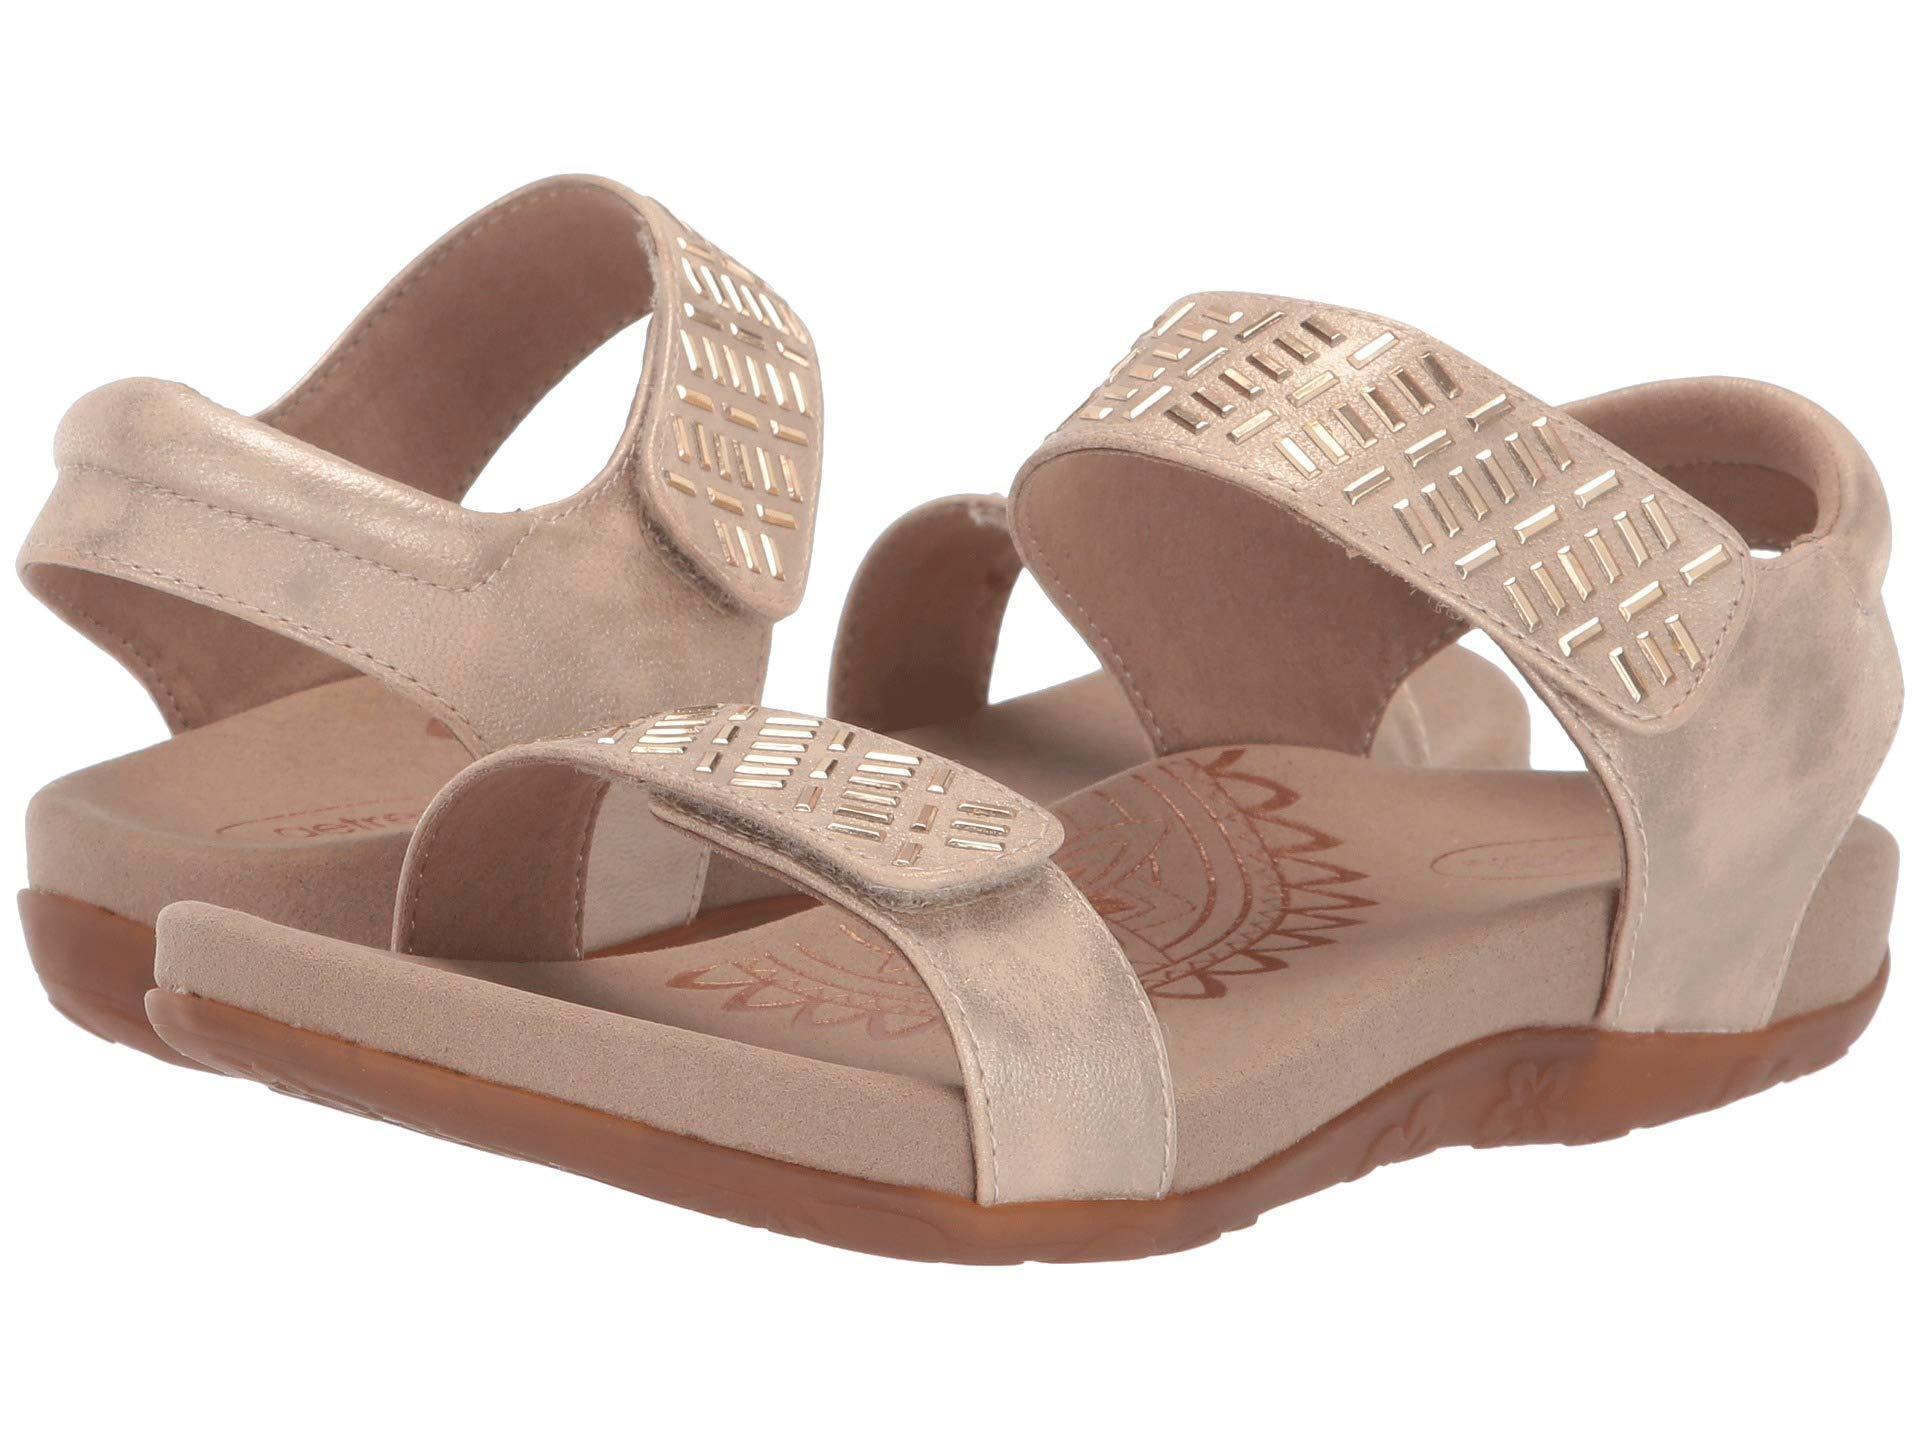 4e5c799dda8 Lyst - Aetrex Marcy (black) Women s Sandals